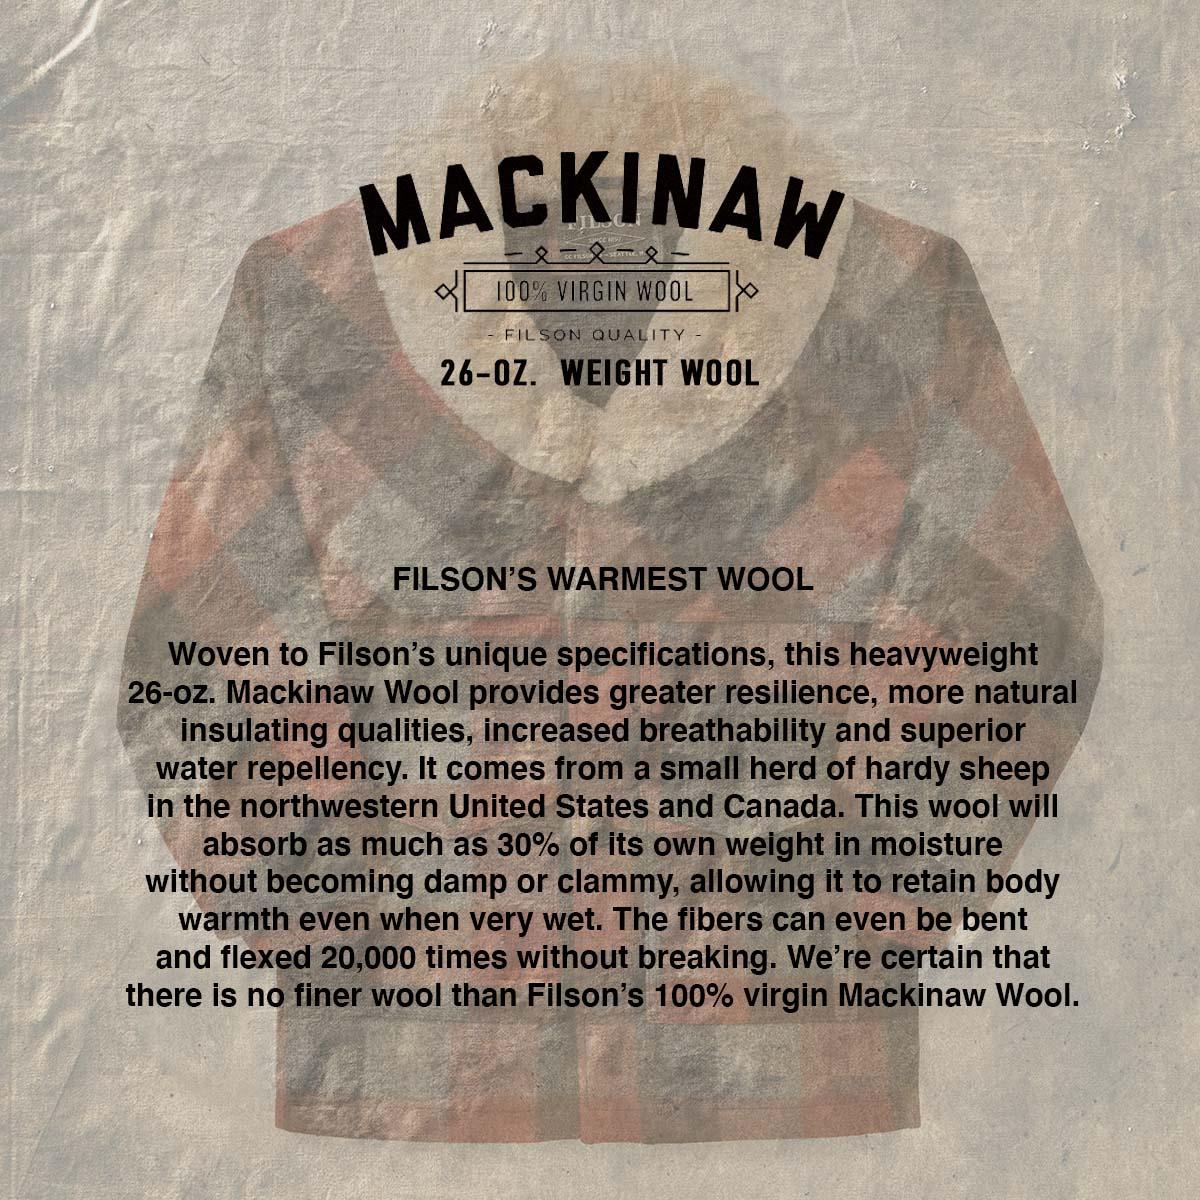 Filson Lined Wool Packer Coat Black/Charcoal/Rust,für Komfort, natürliche wasserabweisende Eigenschaften und isolierende Wärme bei jedem Wetter